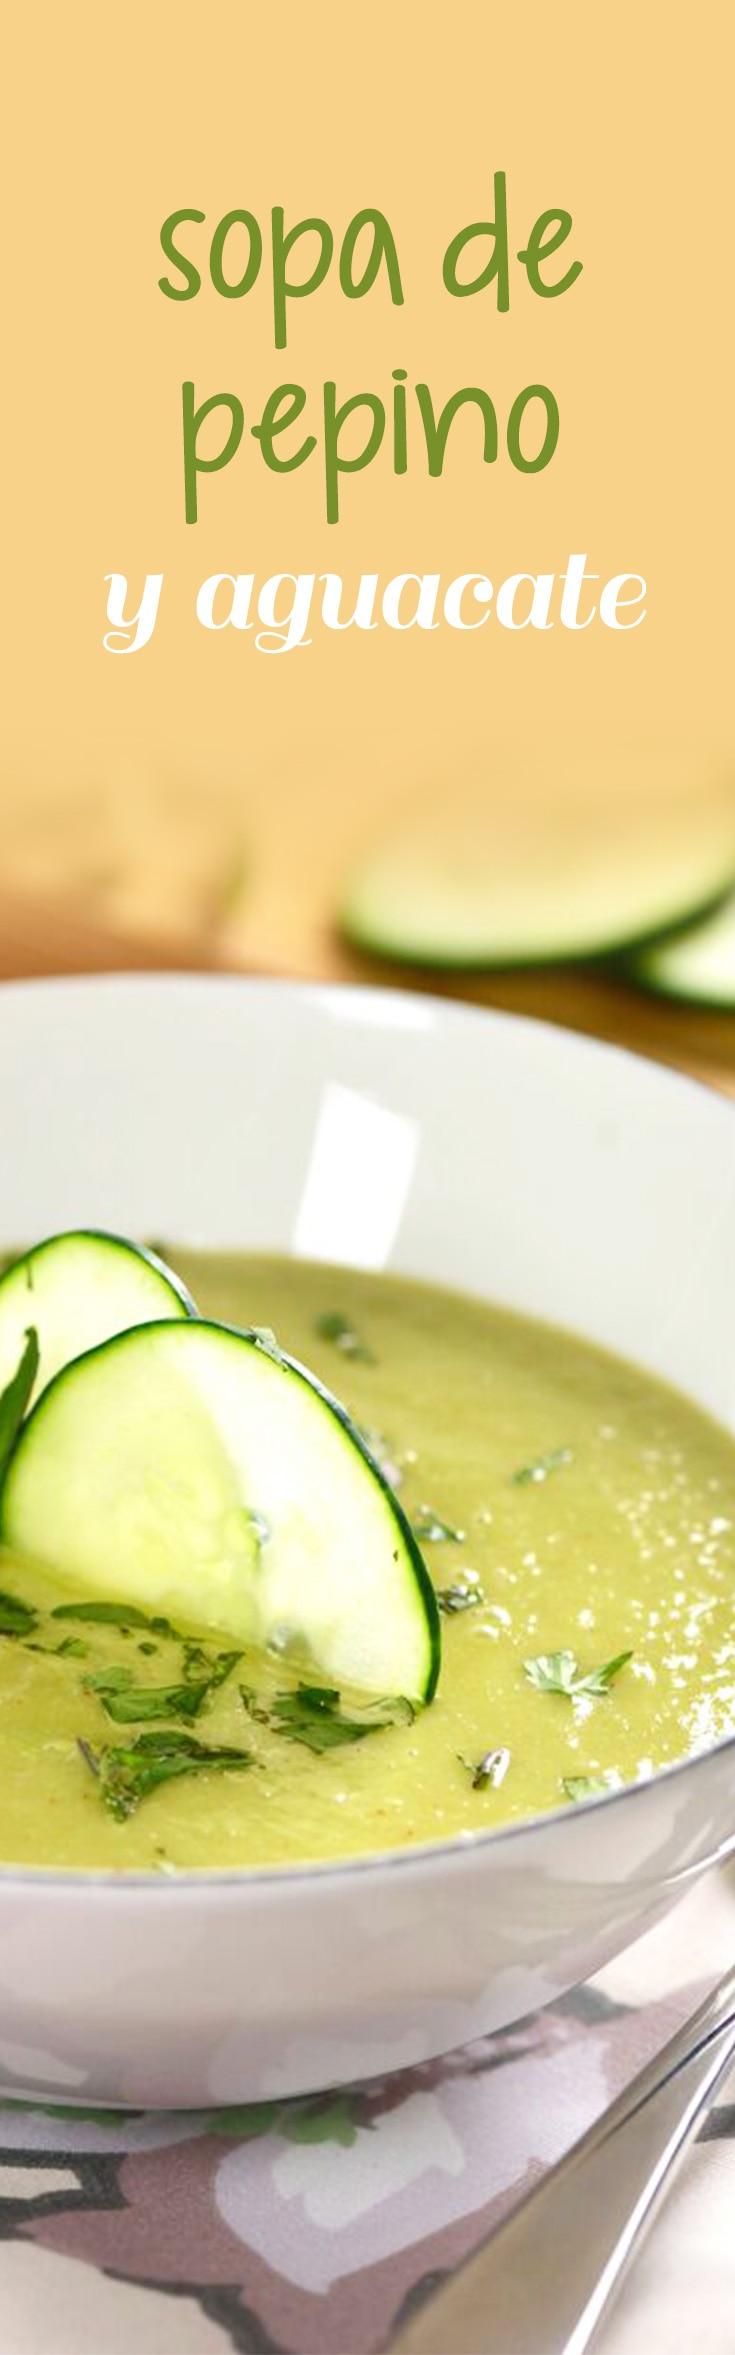 Receta de Sopa de Pepino y Aguacate